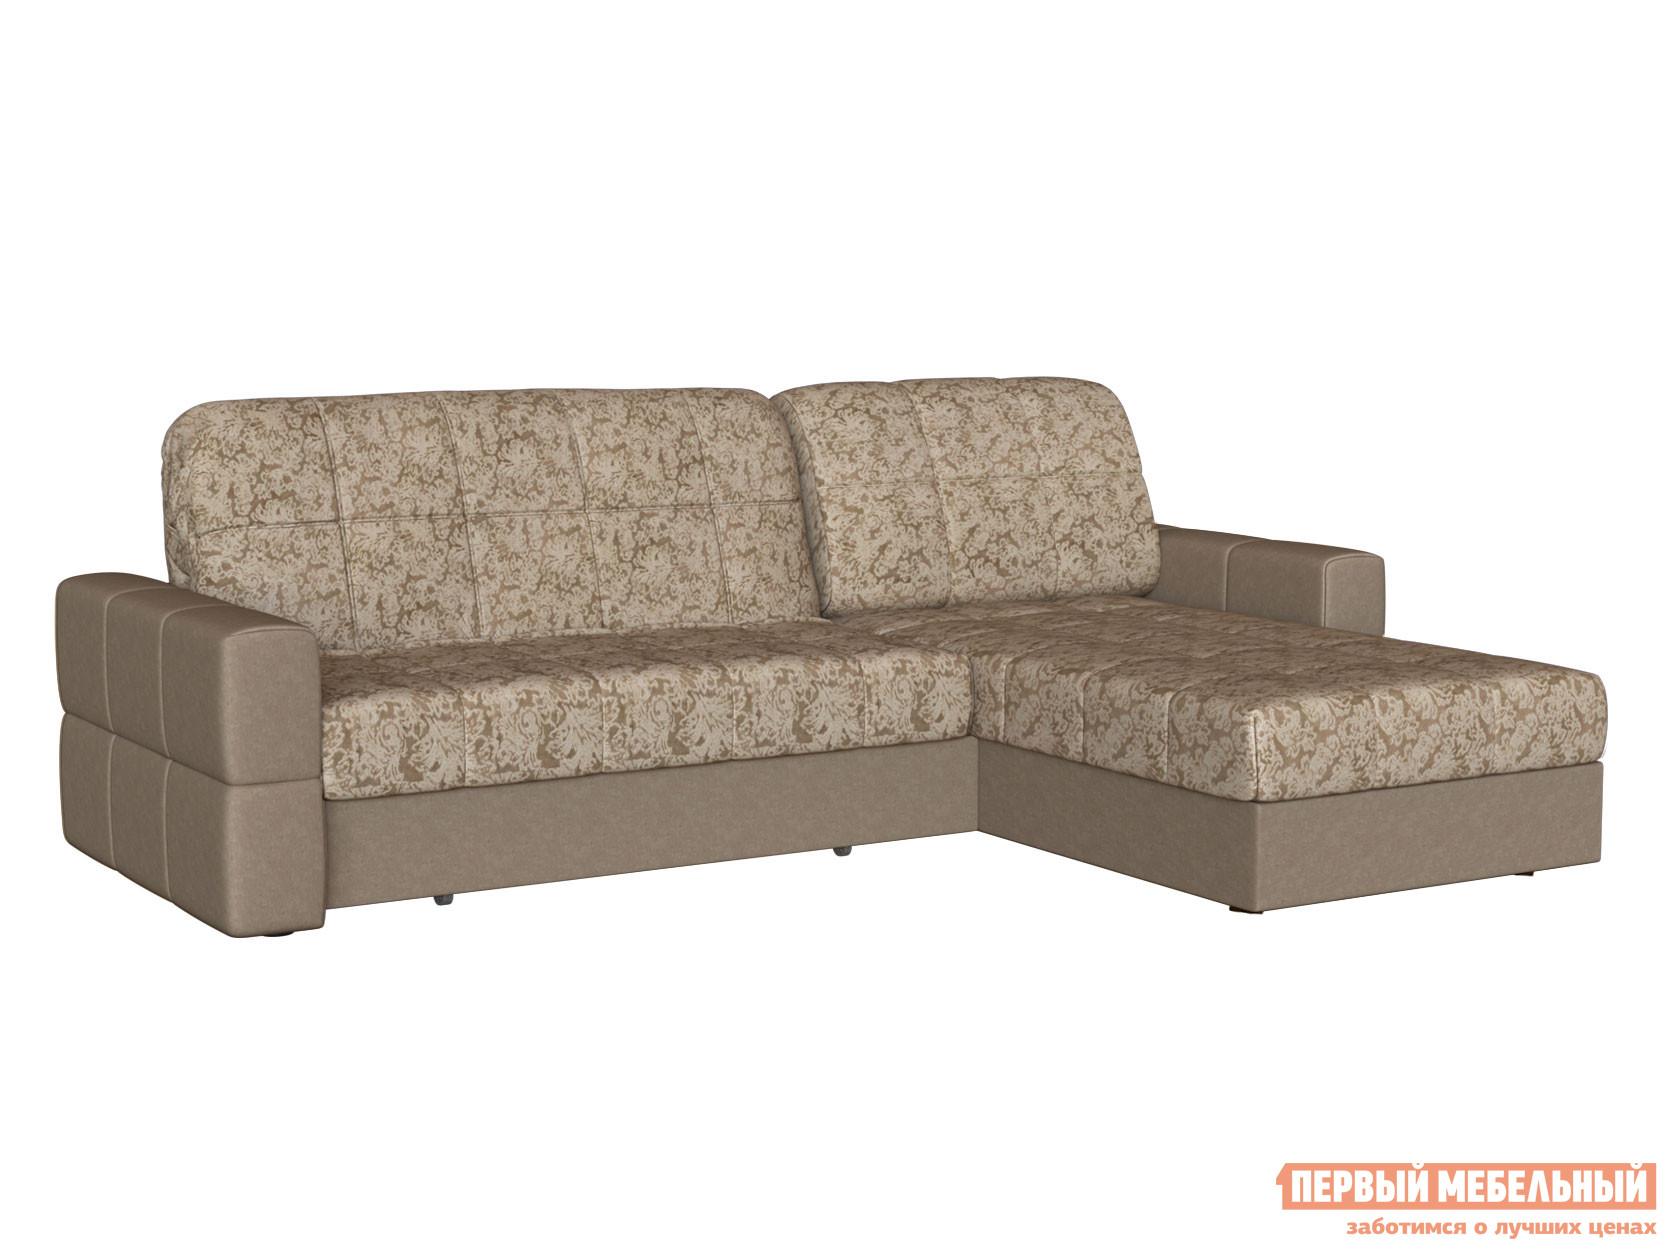 Угловой диван Первый Мебельный Диван Марио с оттоманкой